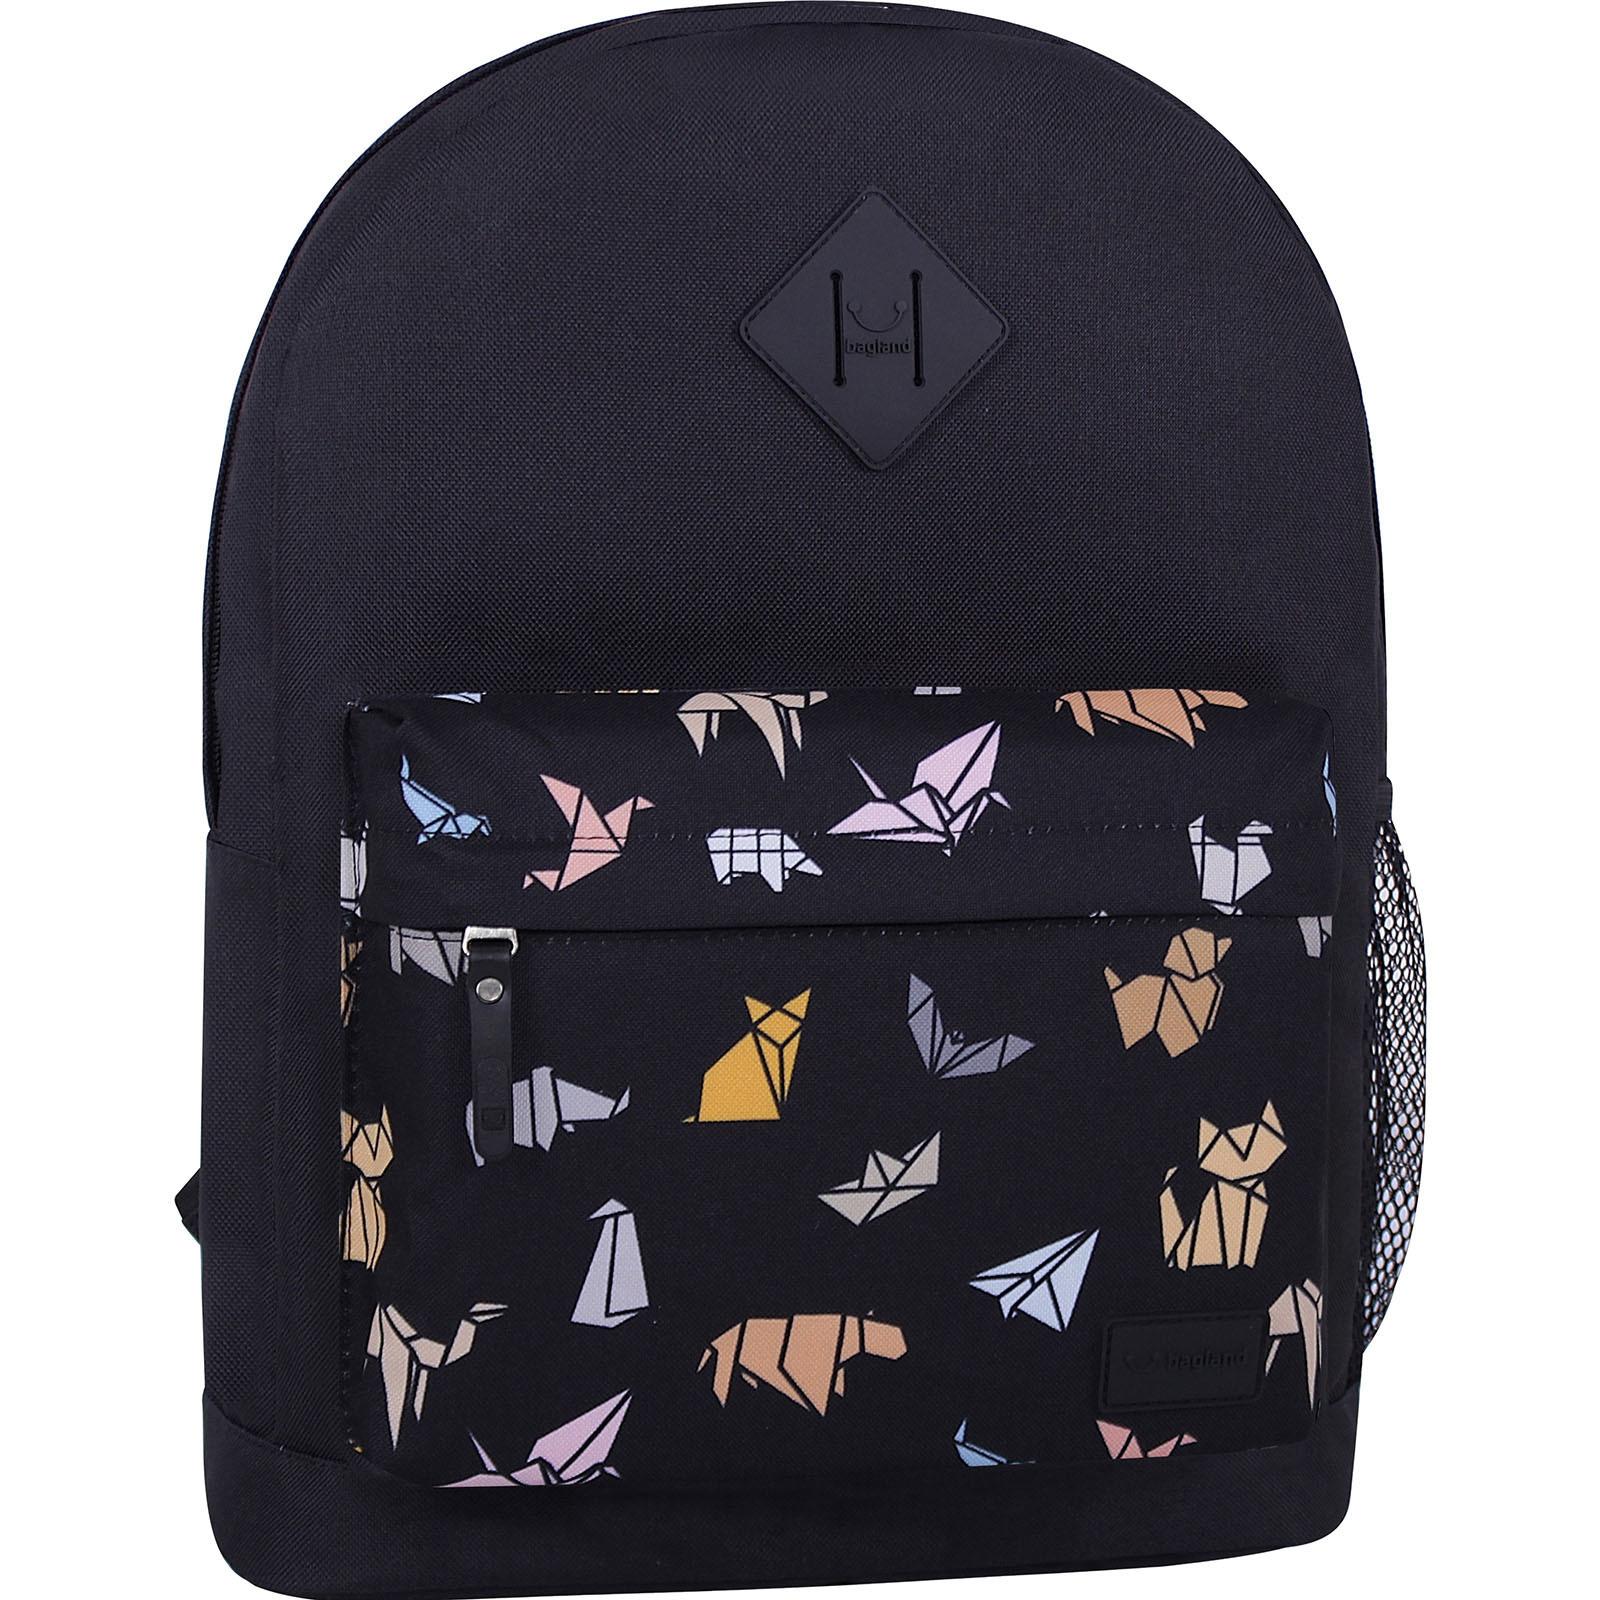 Молодежные рюкзаки Рюкзак Bagland Молодежный W/R 17 л. Чёрный 752 (00533662) IMG_7300_суб.752_.JPG